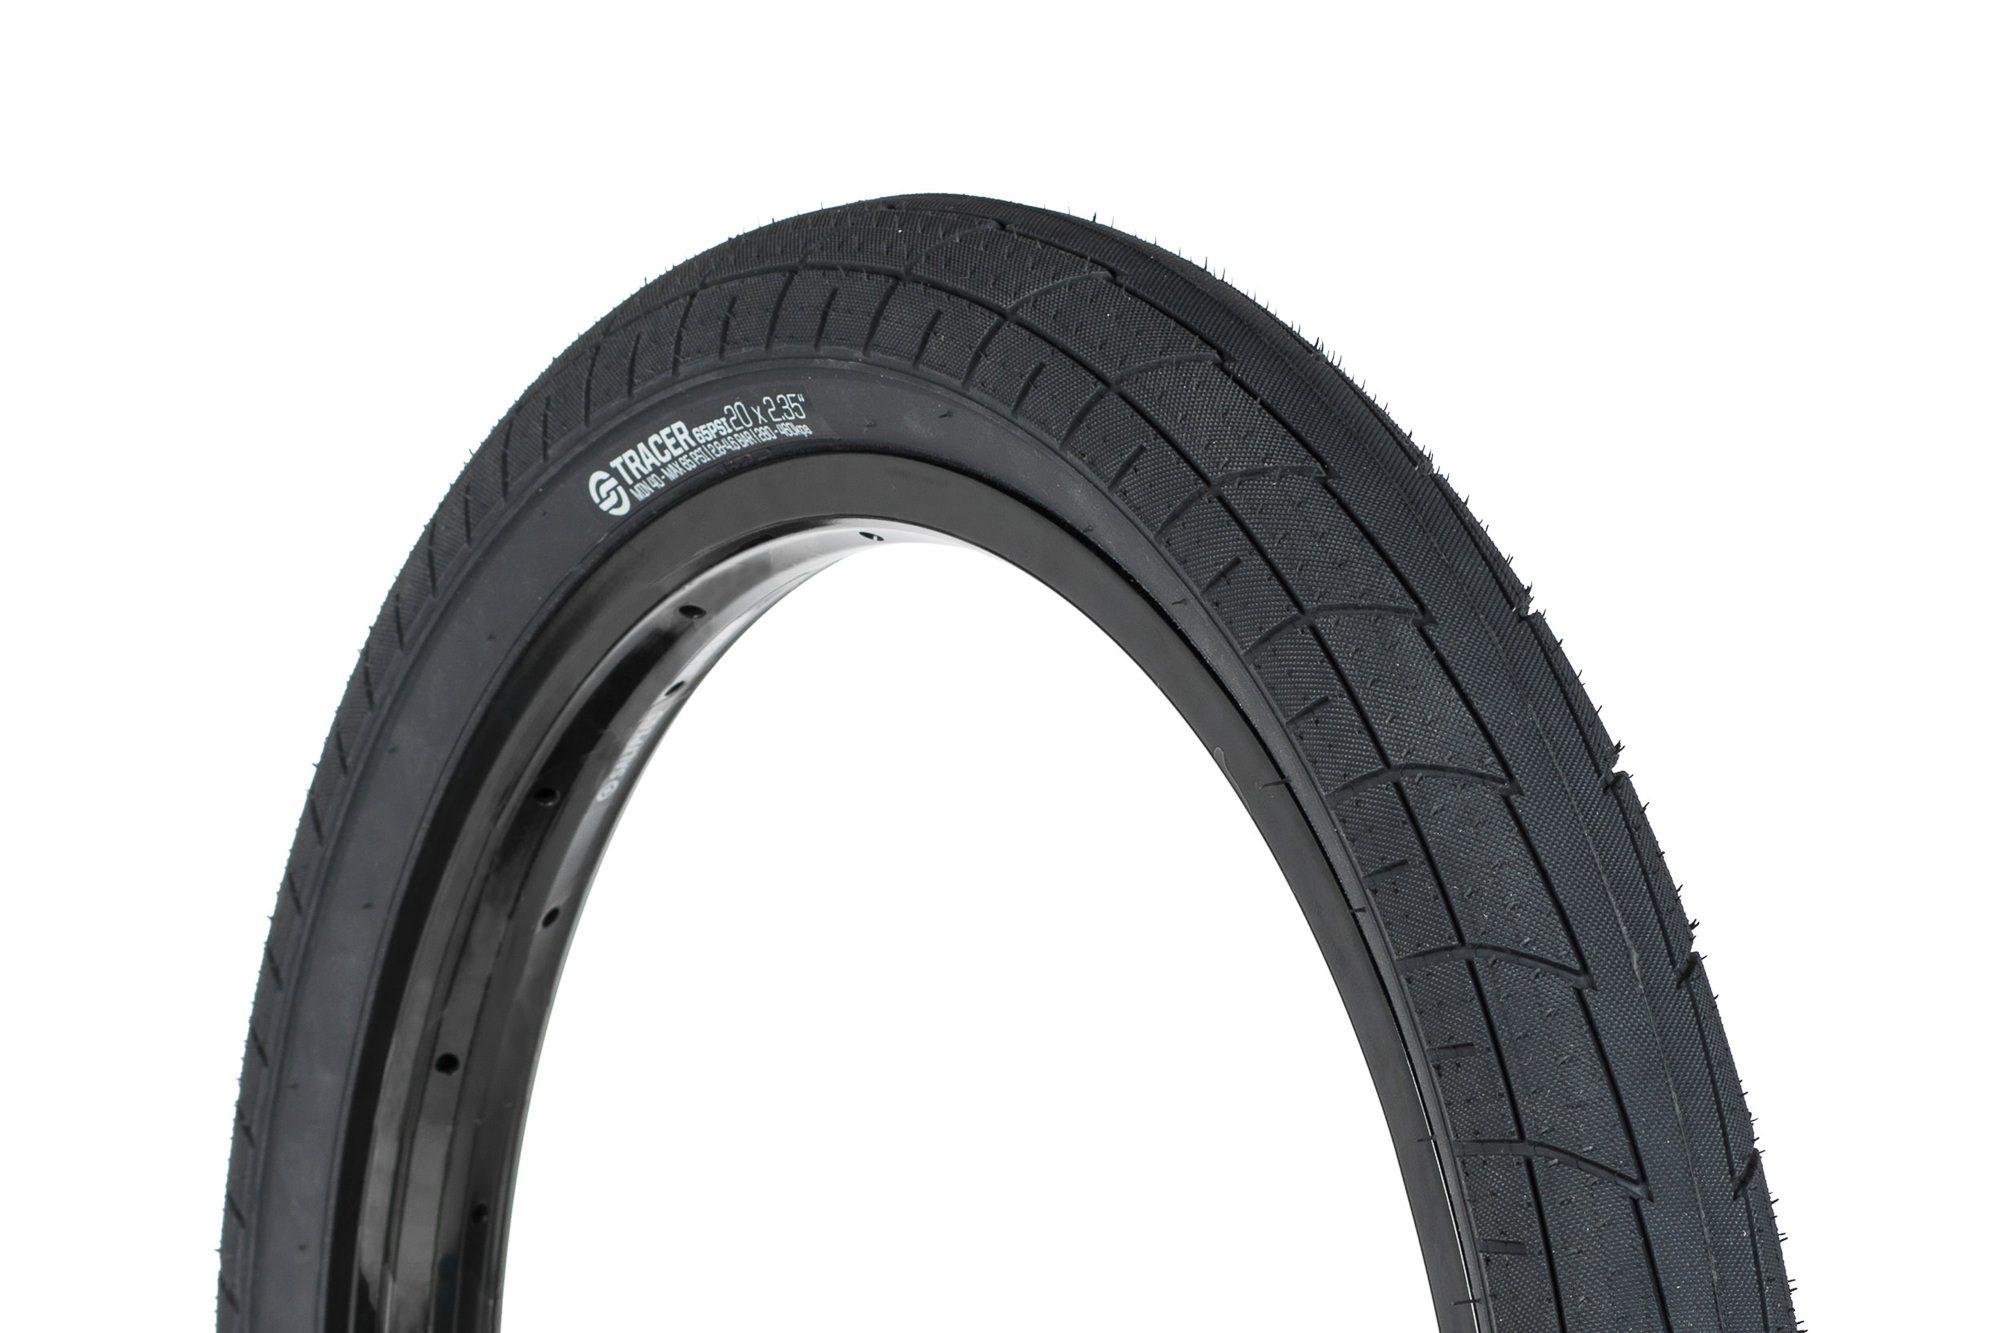 Salt_Tracer_tire_black_02